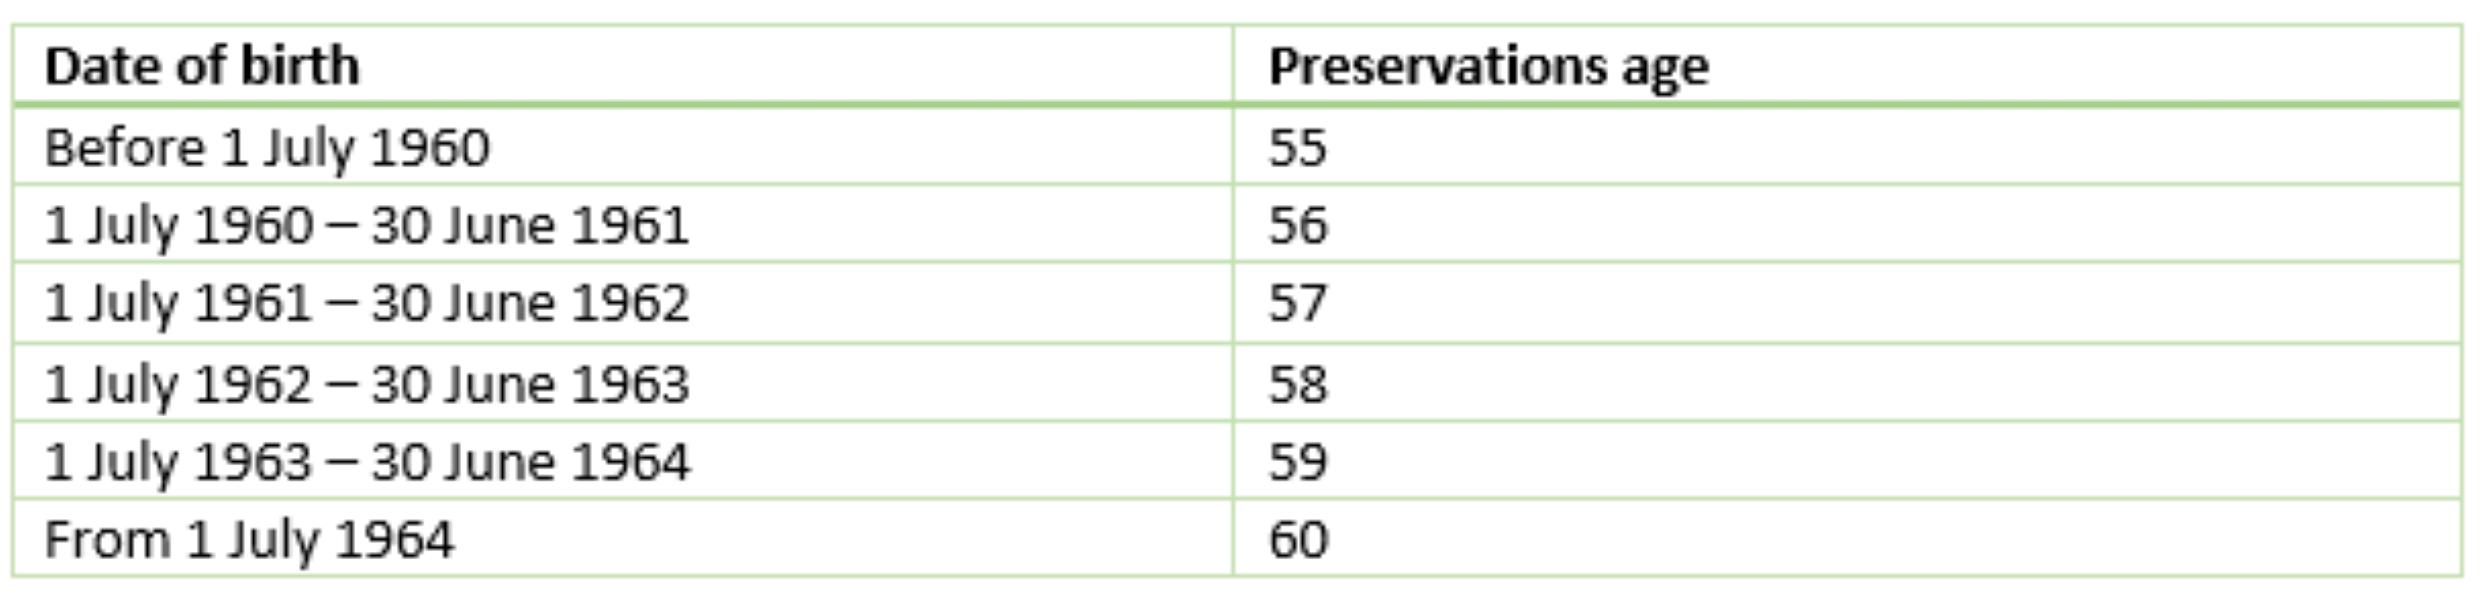 Understanding Super Table 1